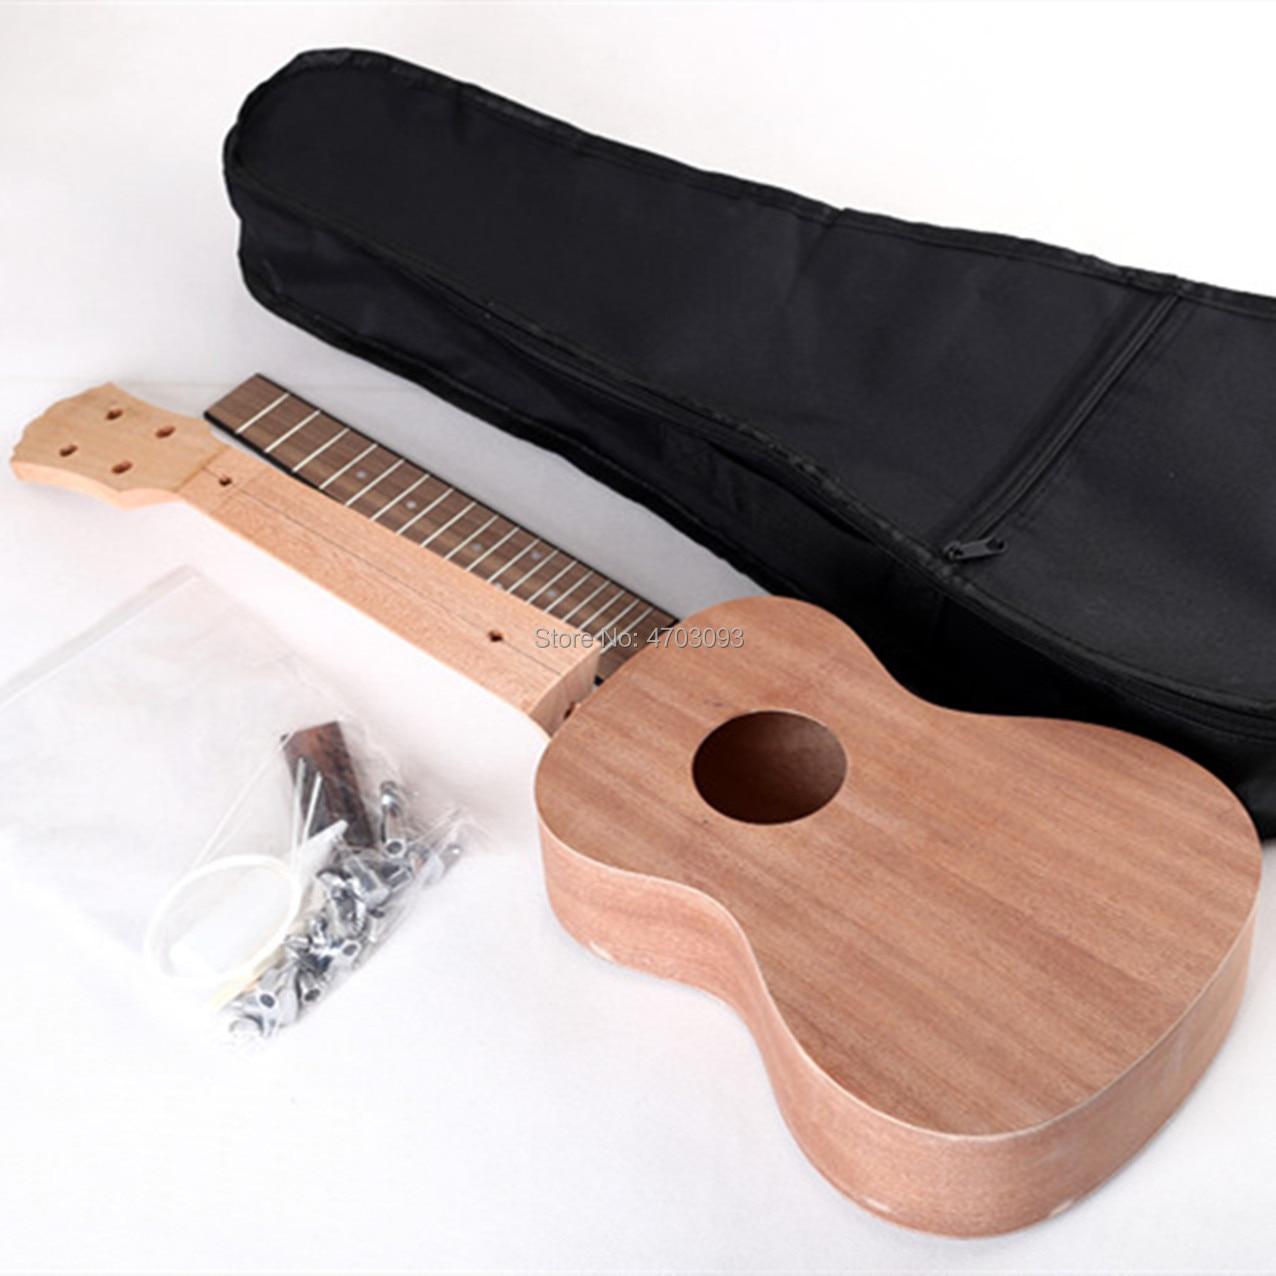 DIY Ukulele,Mahogany body,23 inches Acoustic Guitar,Rosewood Fretboard,Free Shipping(China)